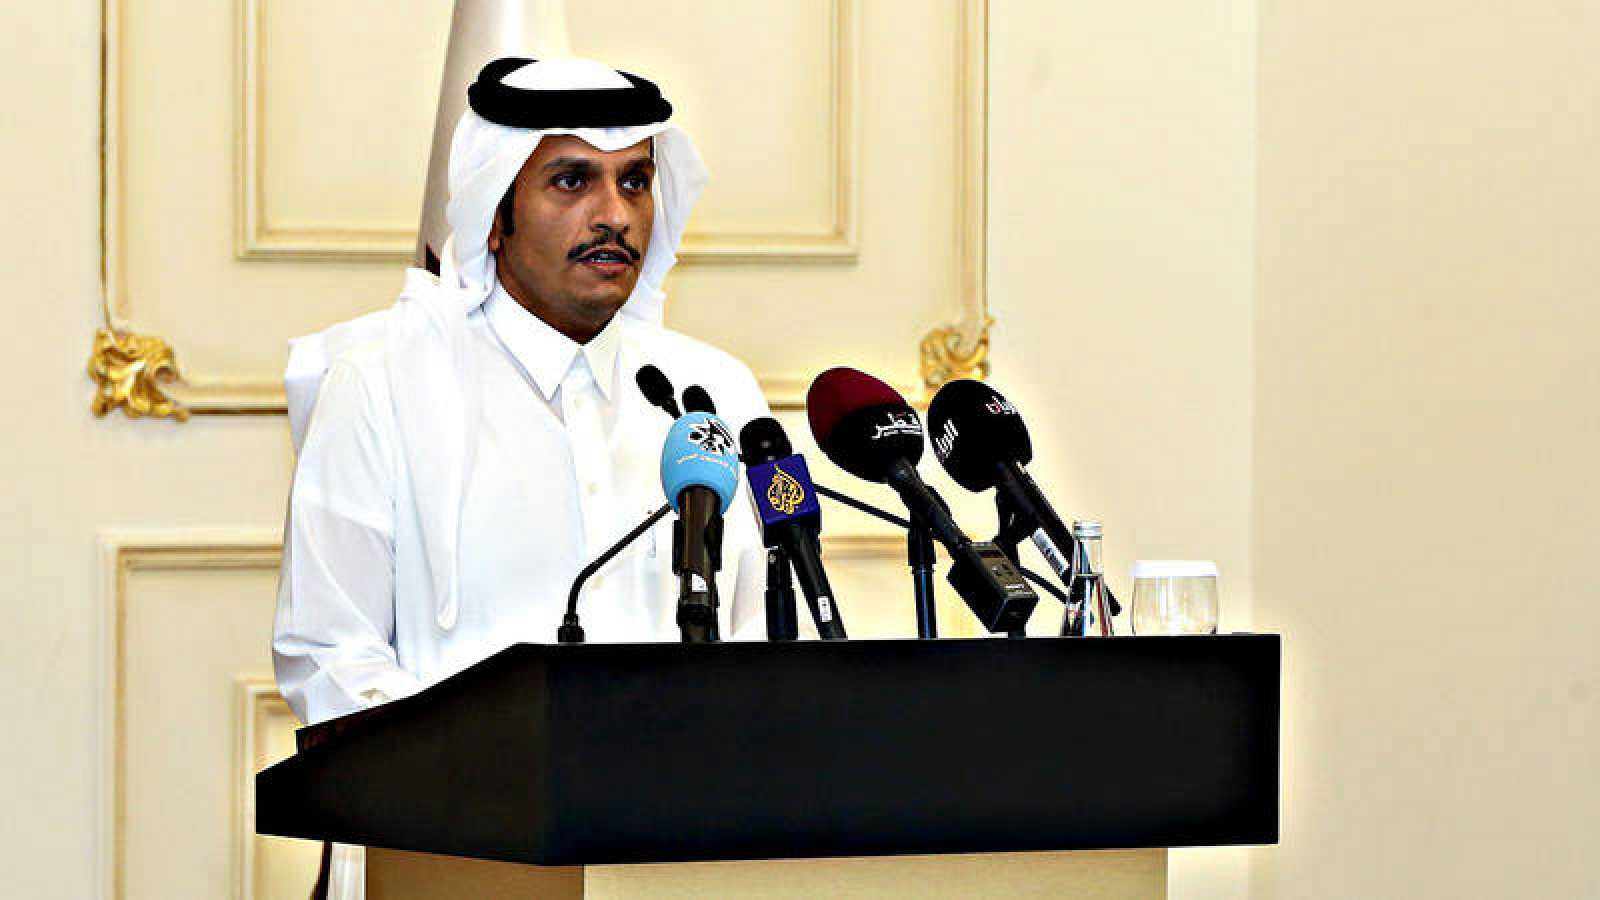 El ministro catarí de Exteriores, Mohammed bin Abdulrahman al-Thani. en una rueda de prensa